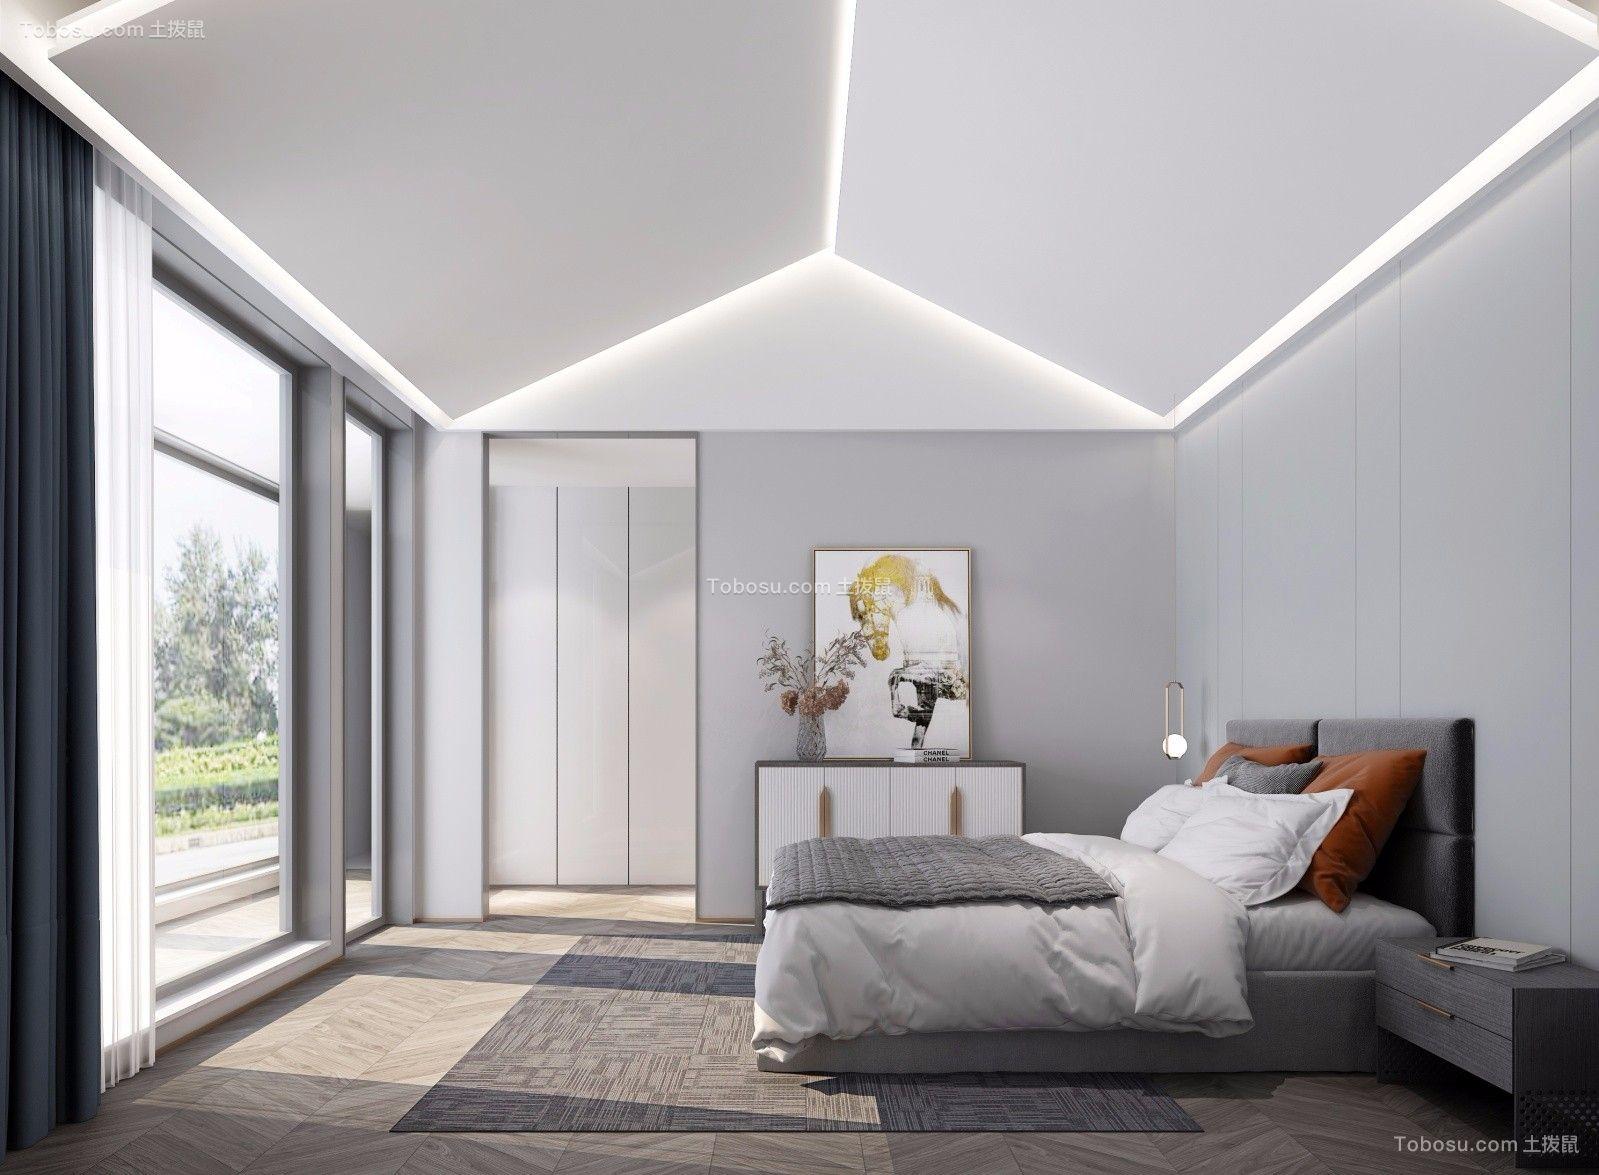 2021简约卧室装修设计图片 2021简约床图片